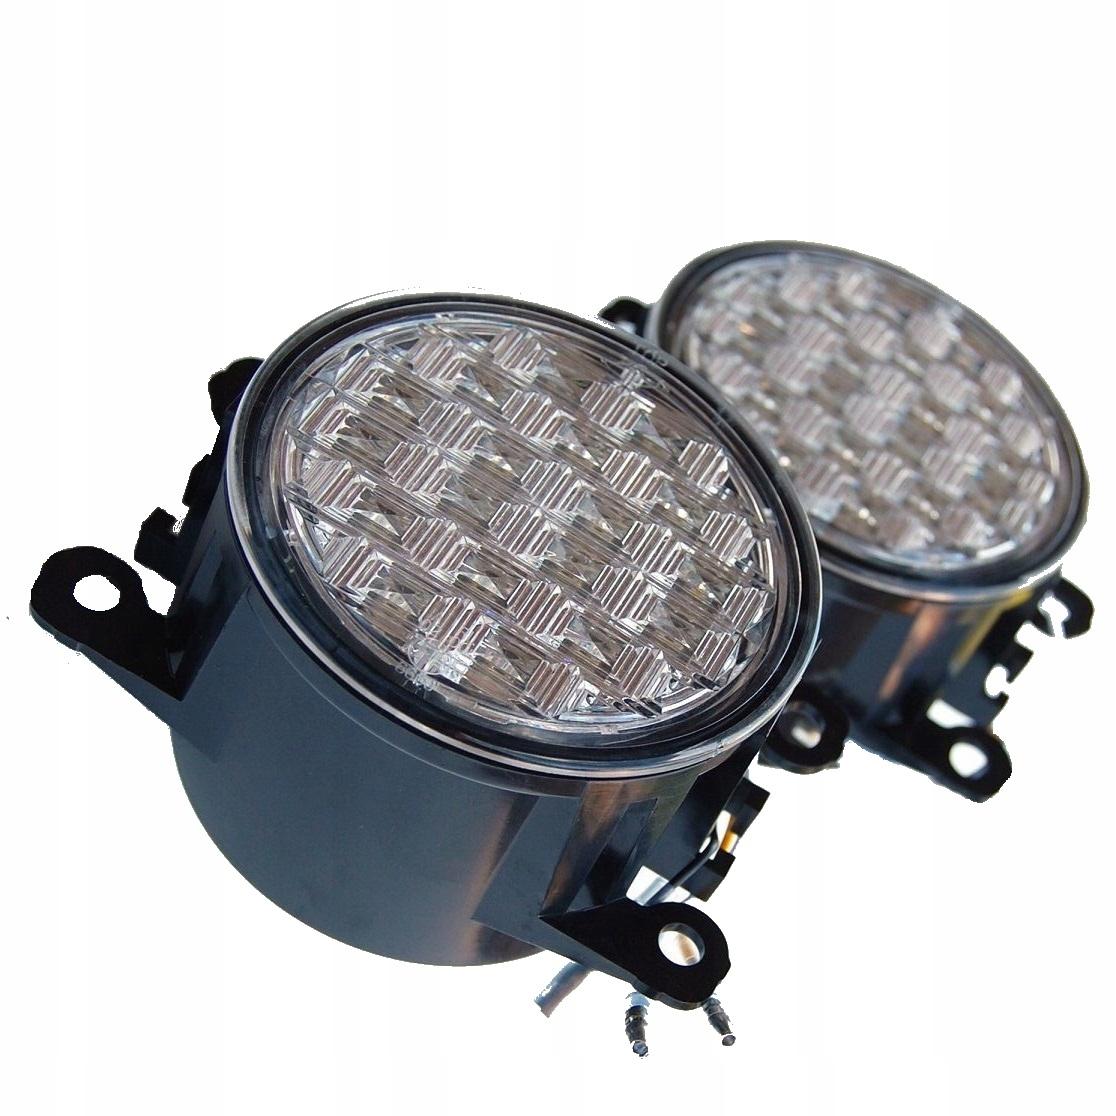 DRL Halogen LED do jazdy dziennej ponad 100 modeli 10